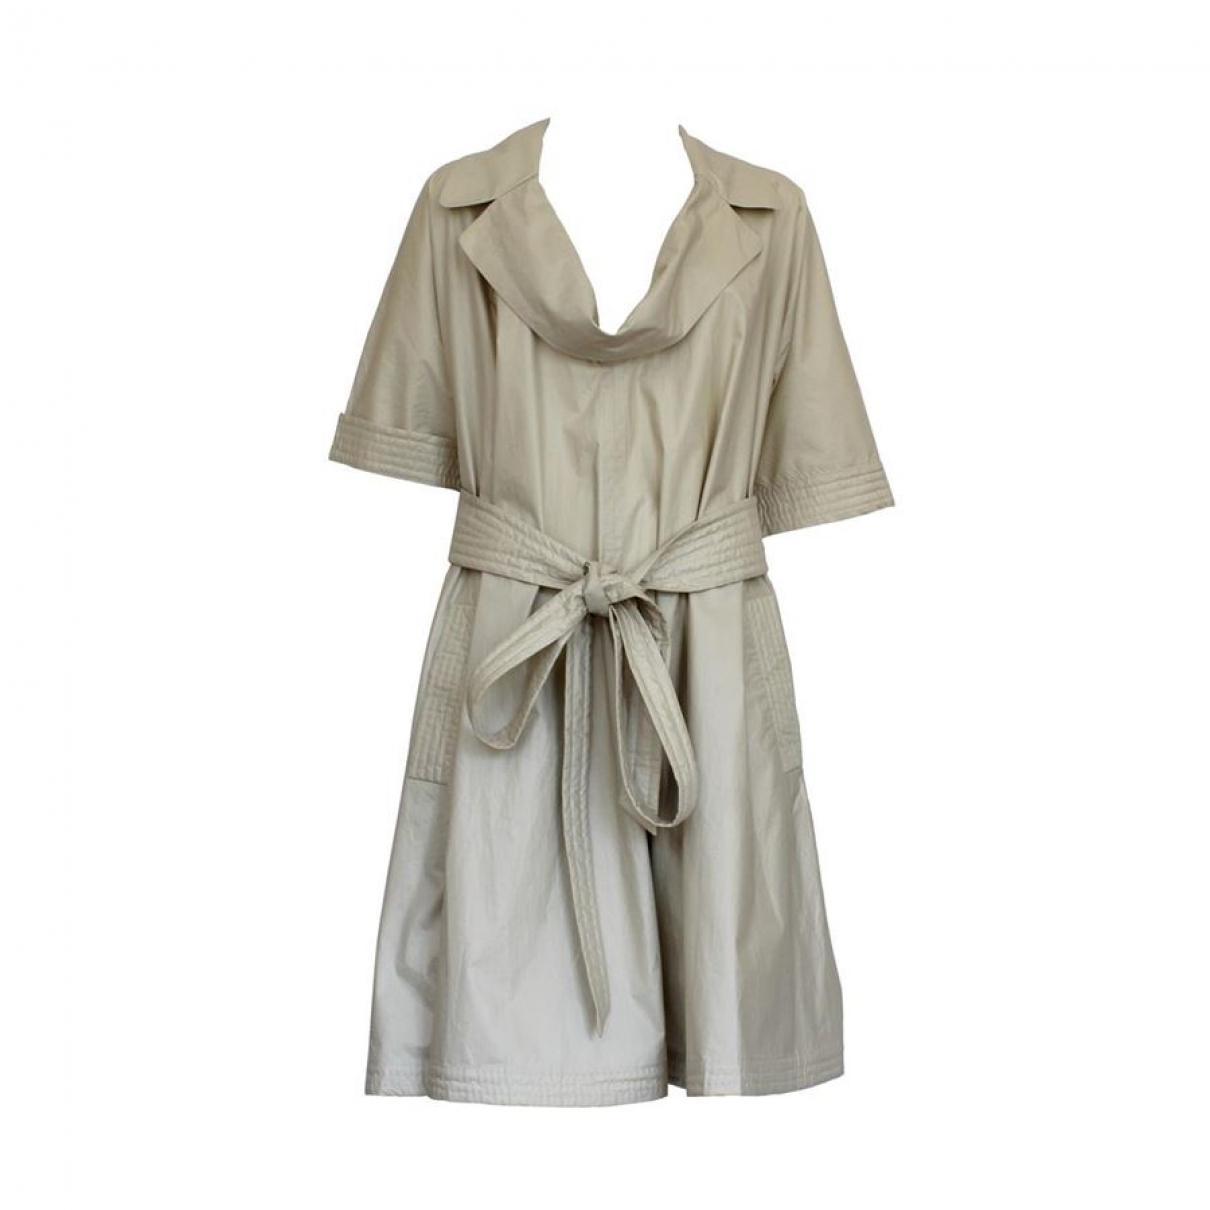 Bottega Veneta \N Beige Cotton dress for Women 44 IT